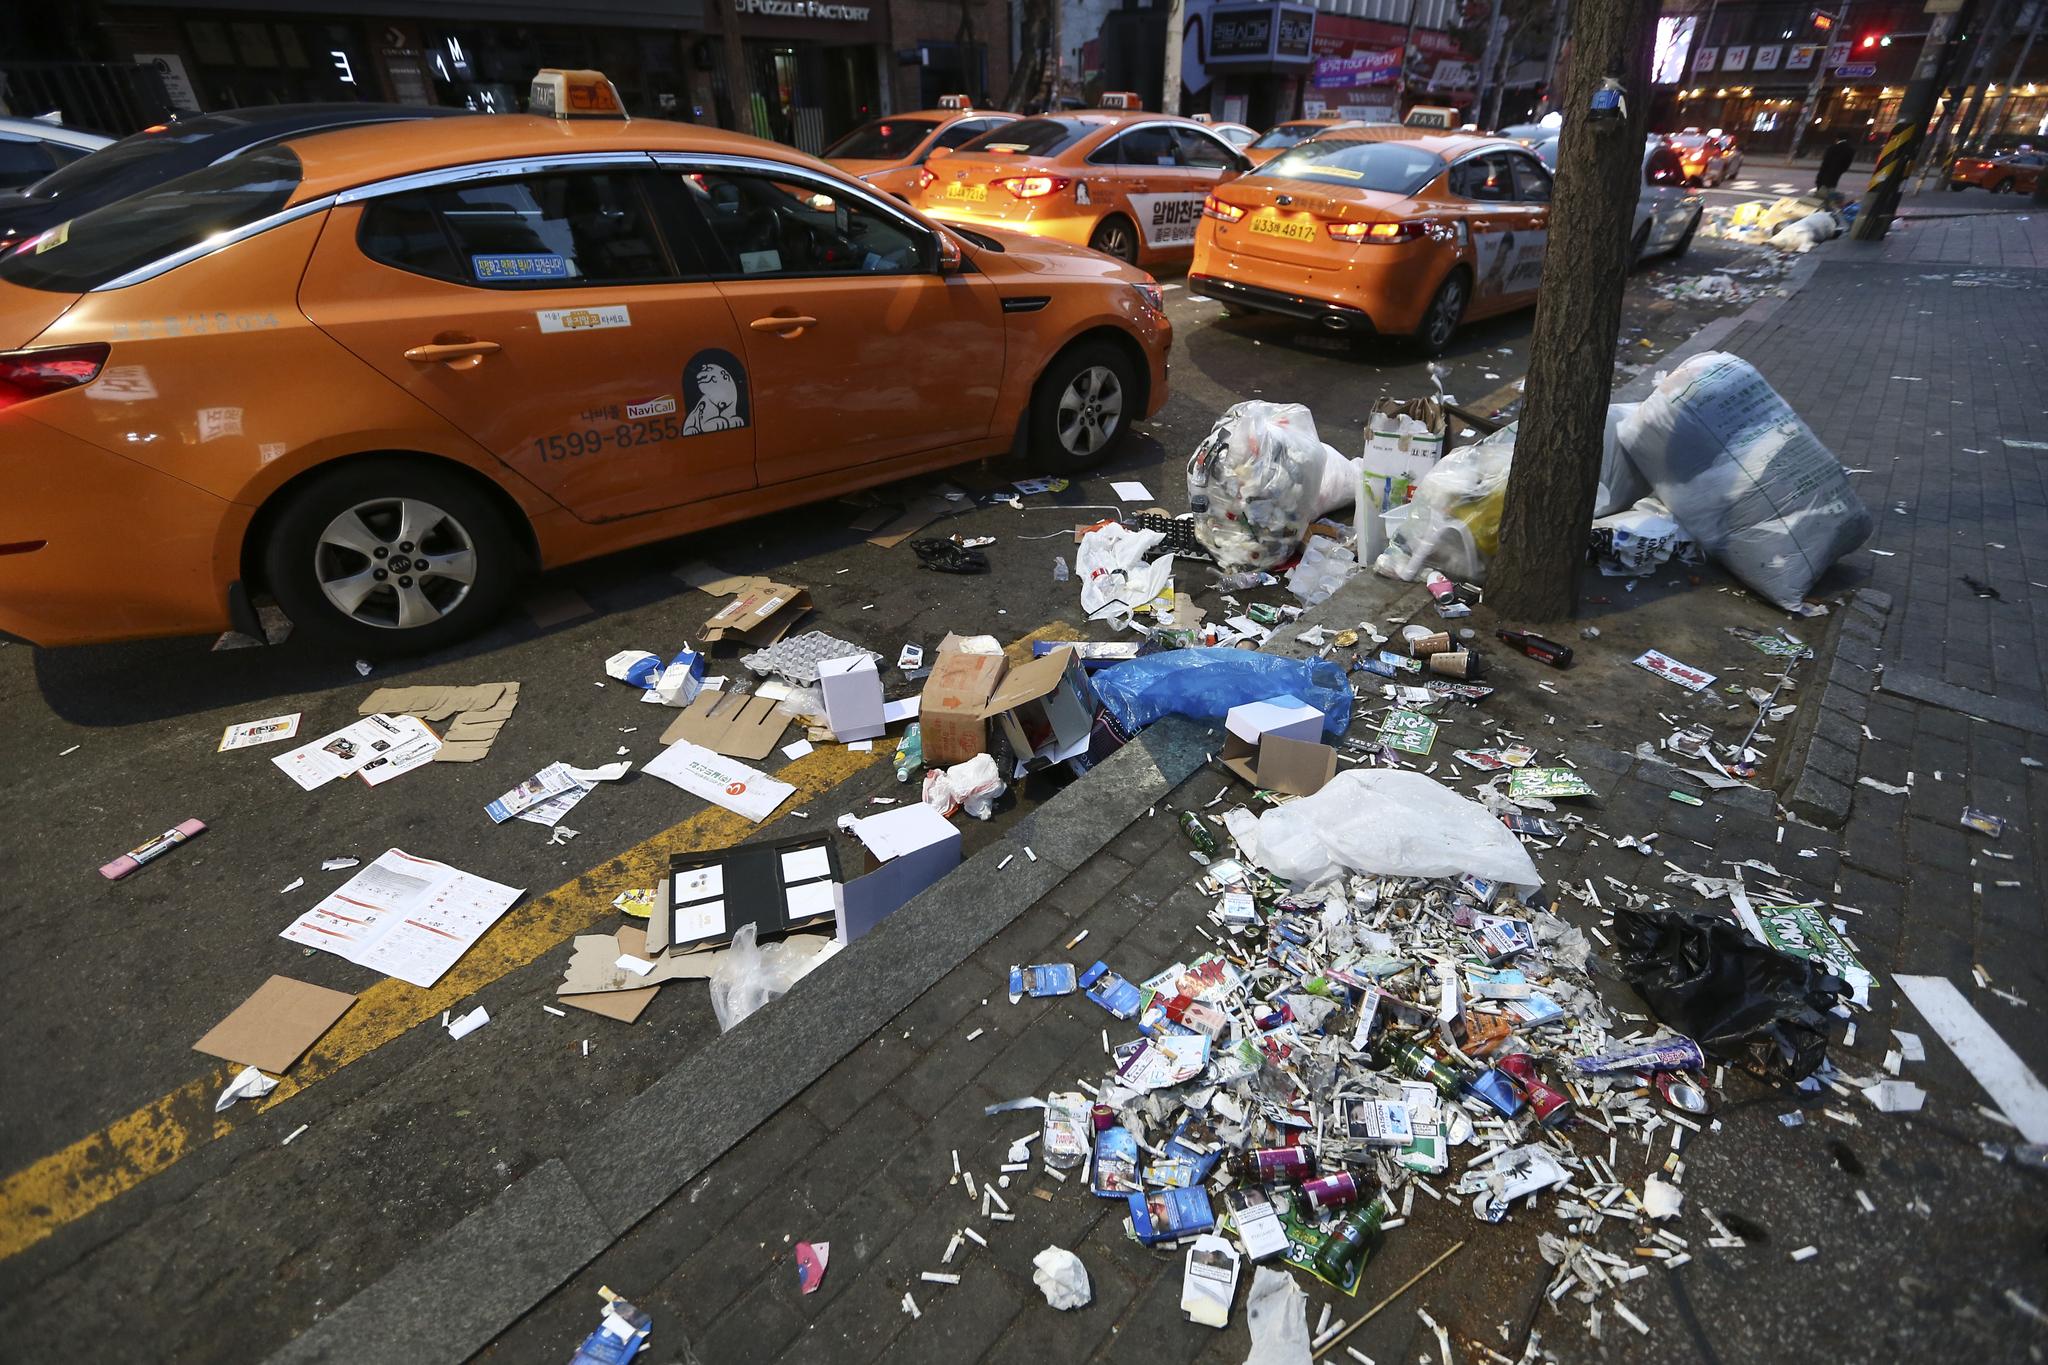 성탄절인 25일 오전 서울 마포구 홍익대학교 인근 도로에 당배꽁초와 불법 전단지 등쓰레기가 가득하다. 임현동 기자